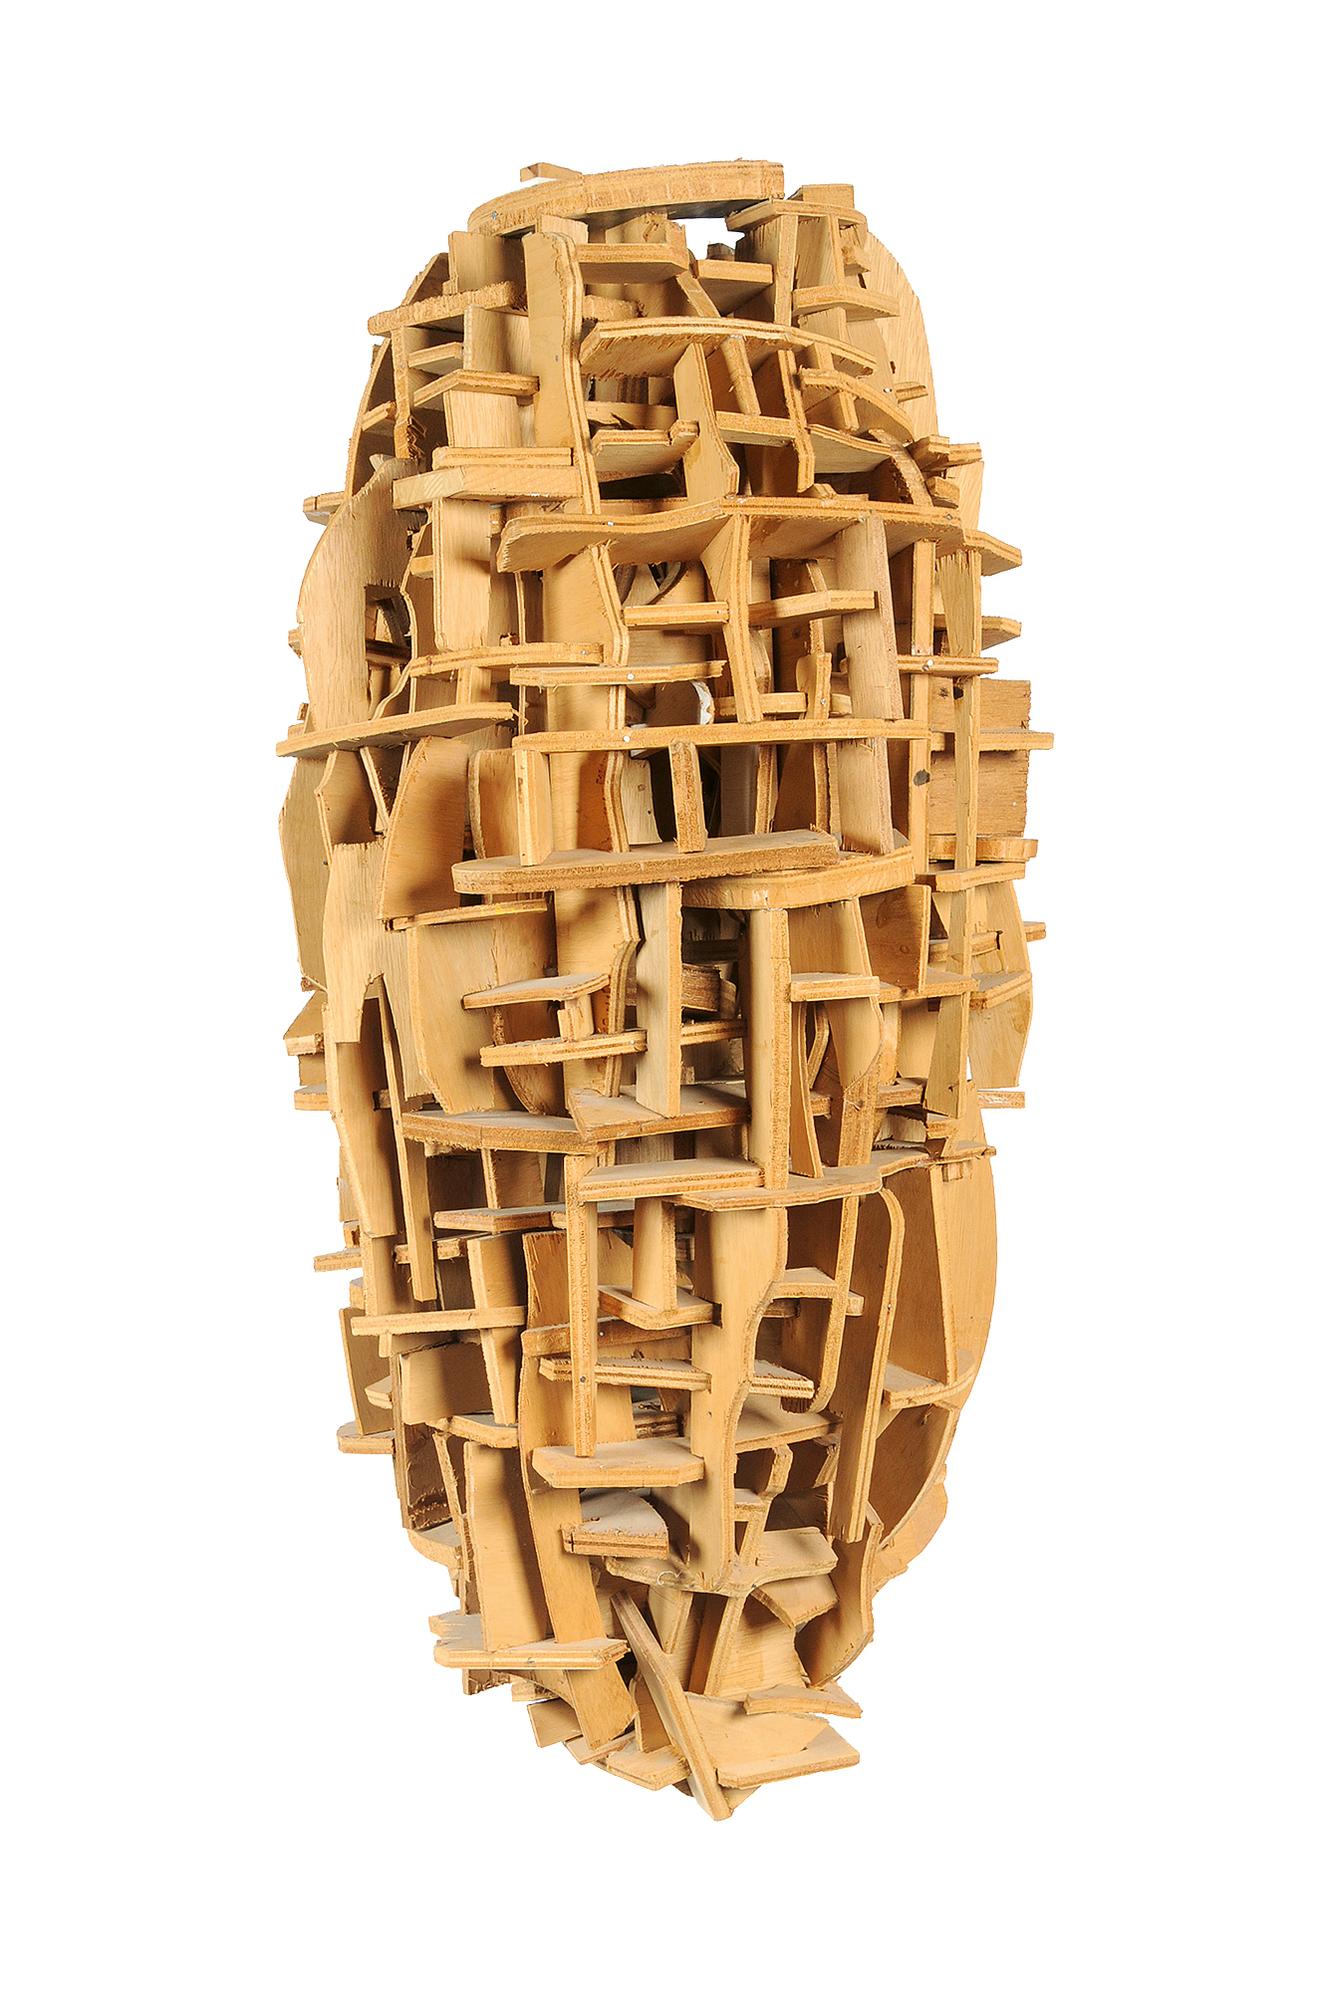 Suter Hugo, Holzkörper